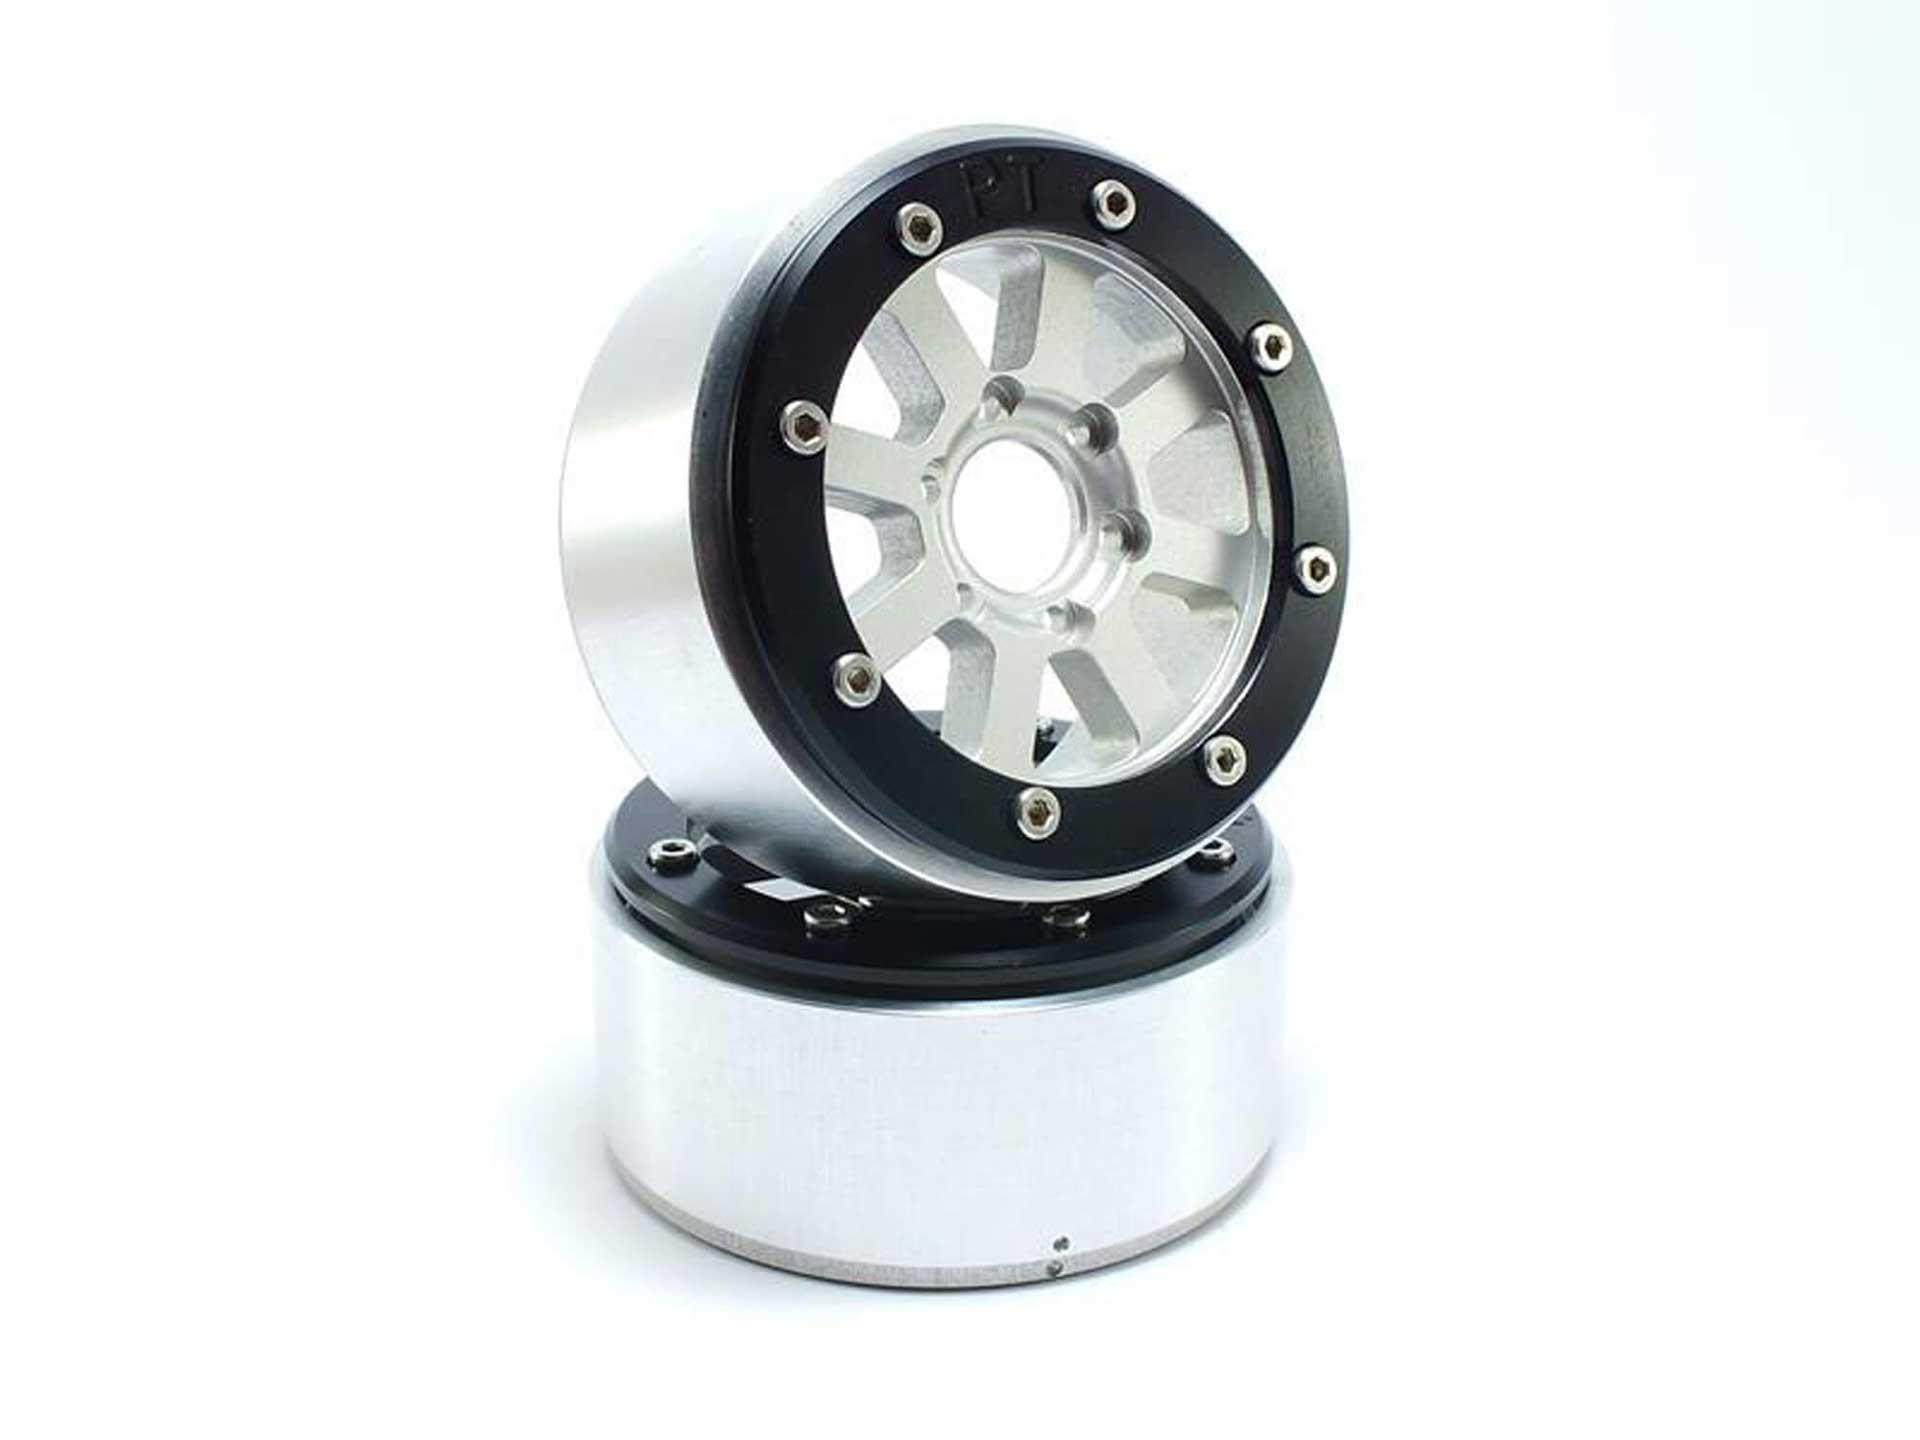 Metsafil Beadlock Wheels HAMMER silber/schwarz 1.9 (2 St.) ohne Radnabe